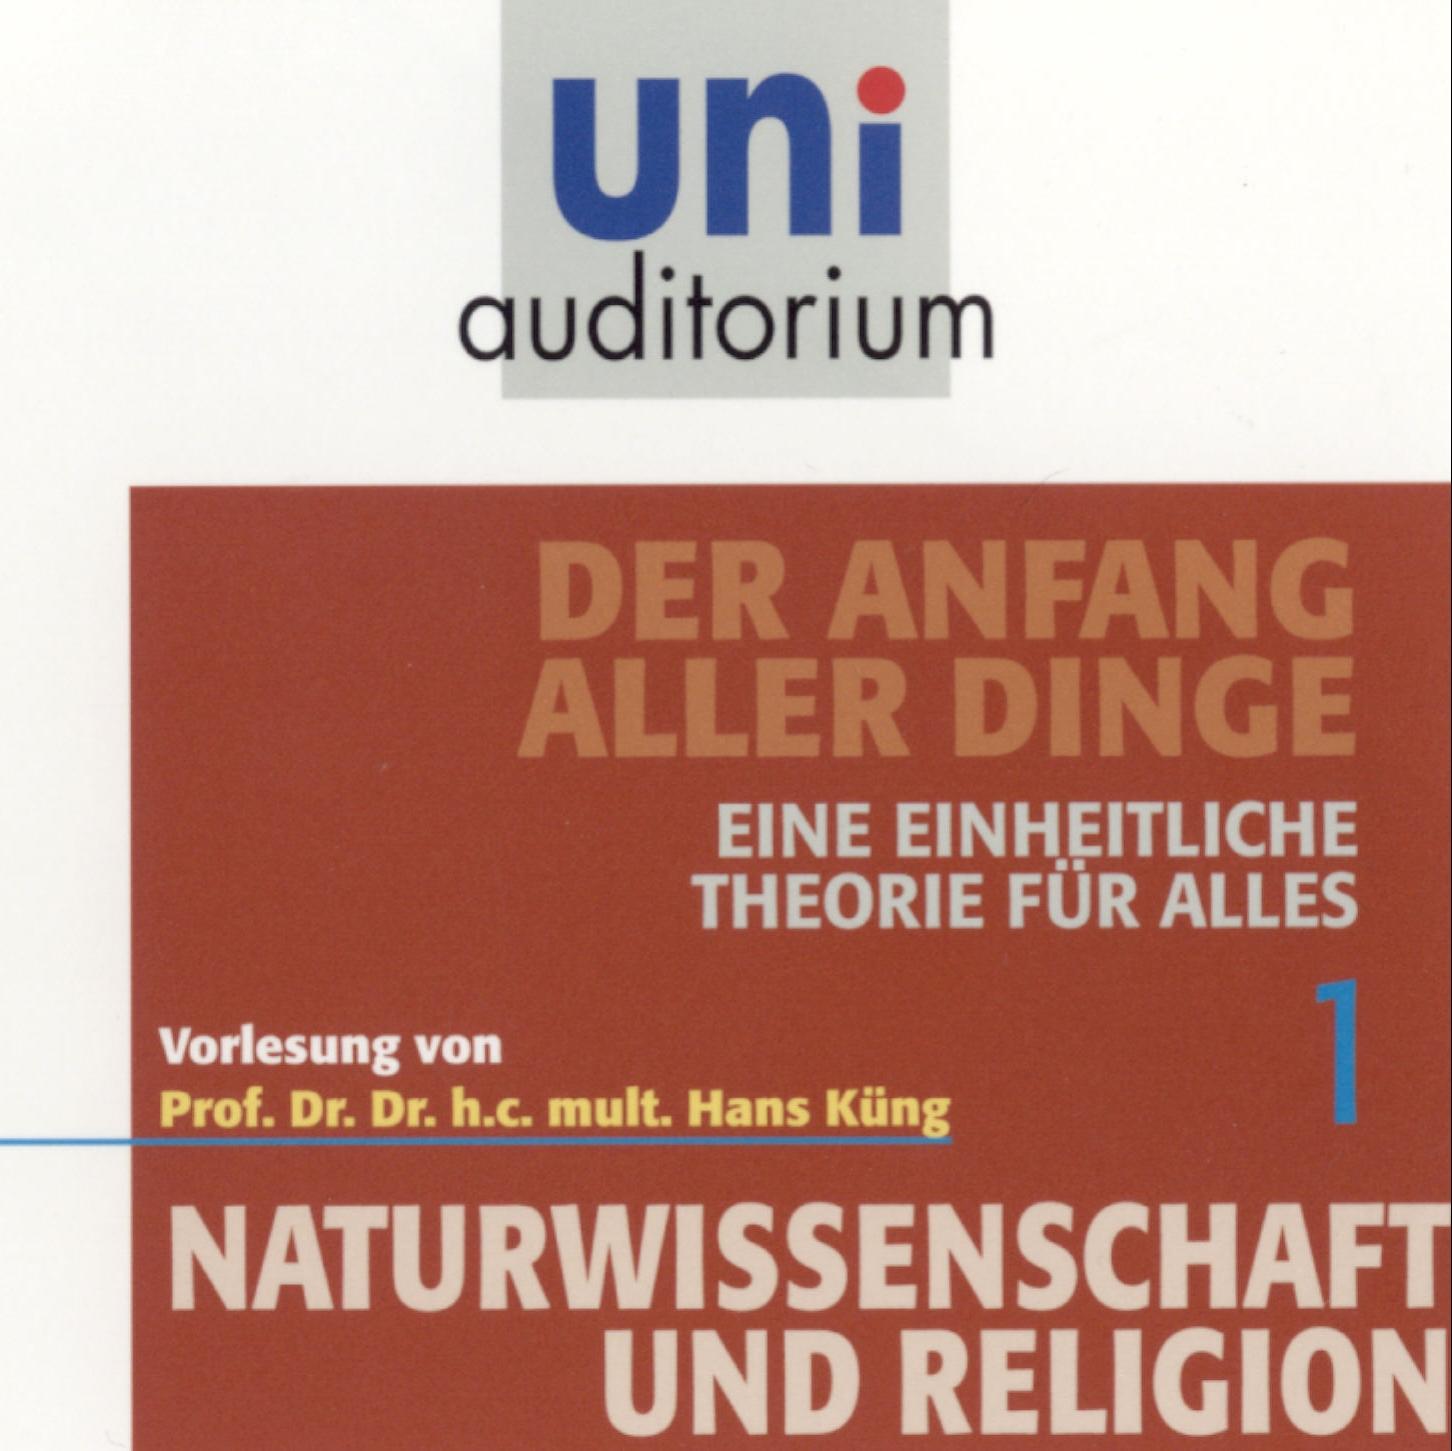 Der Anfang aller Dinge Hans Küng Komplett-Media Uni Auditorium Eine einheitliche Theorie für alles